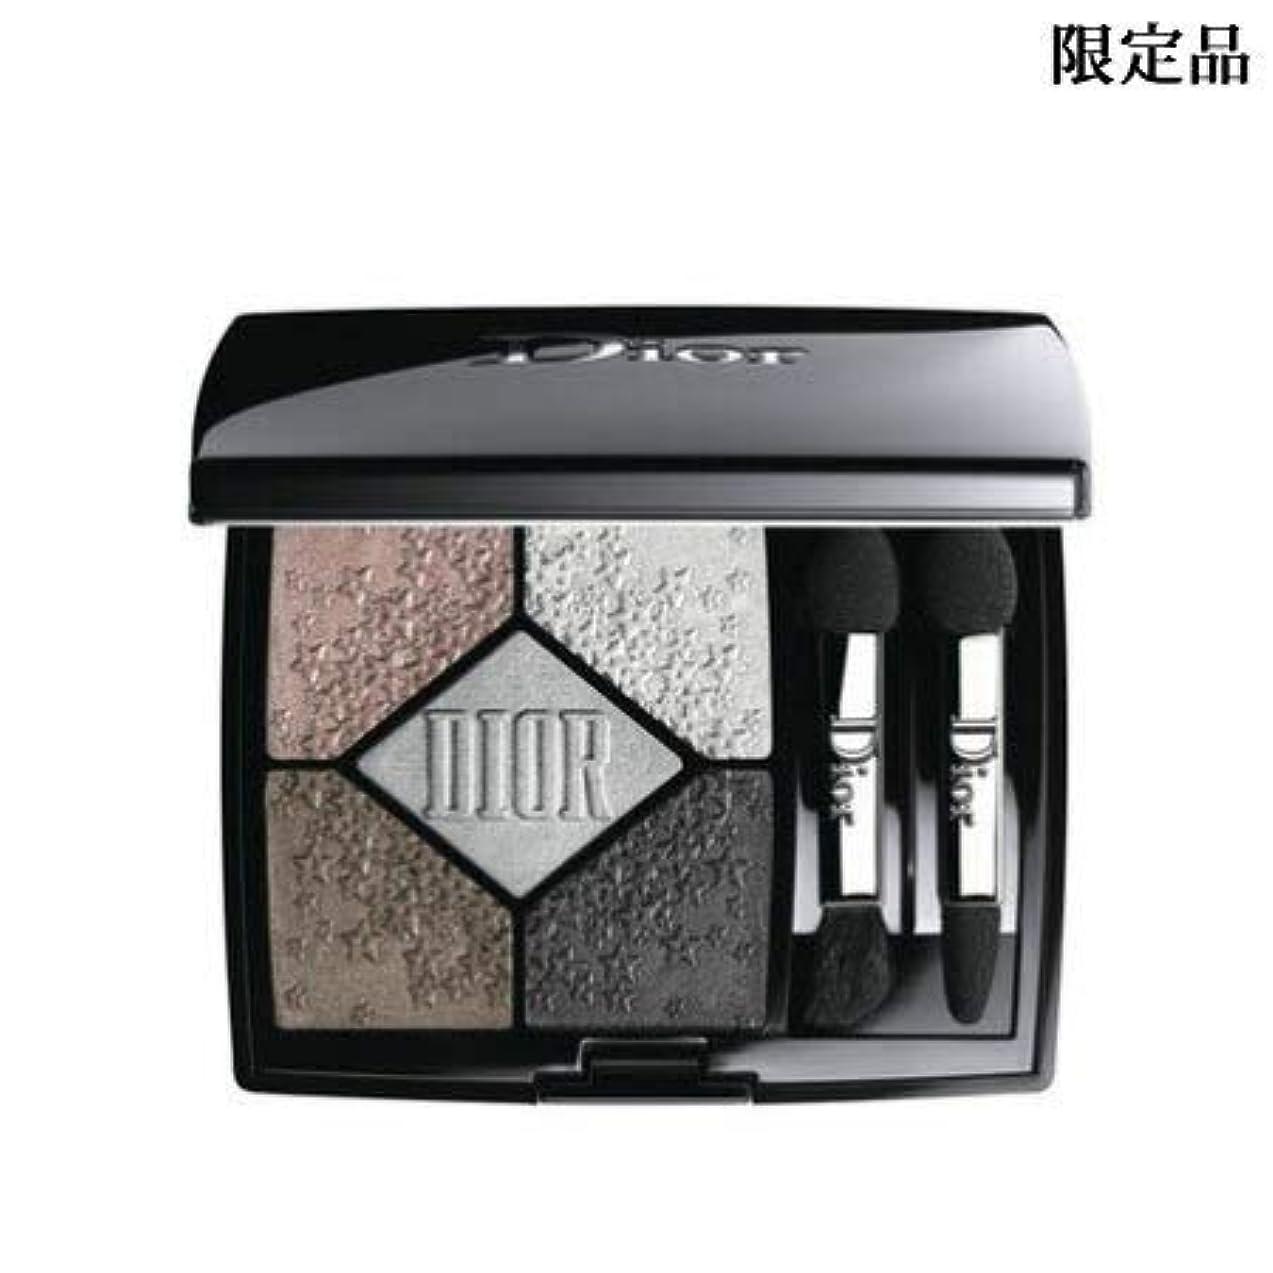 隣接する赤外線プロペラディオール サンク クルール #057 ムーンライト 限定色 -Dior-